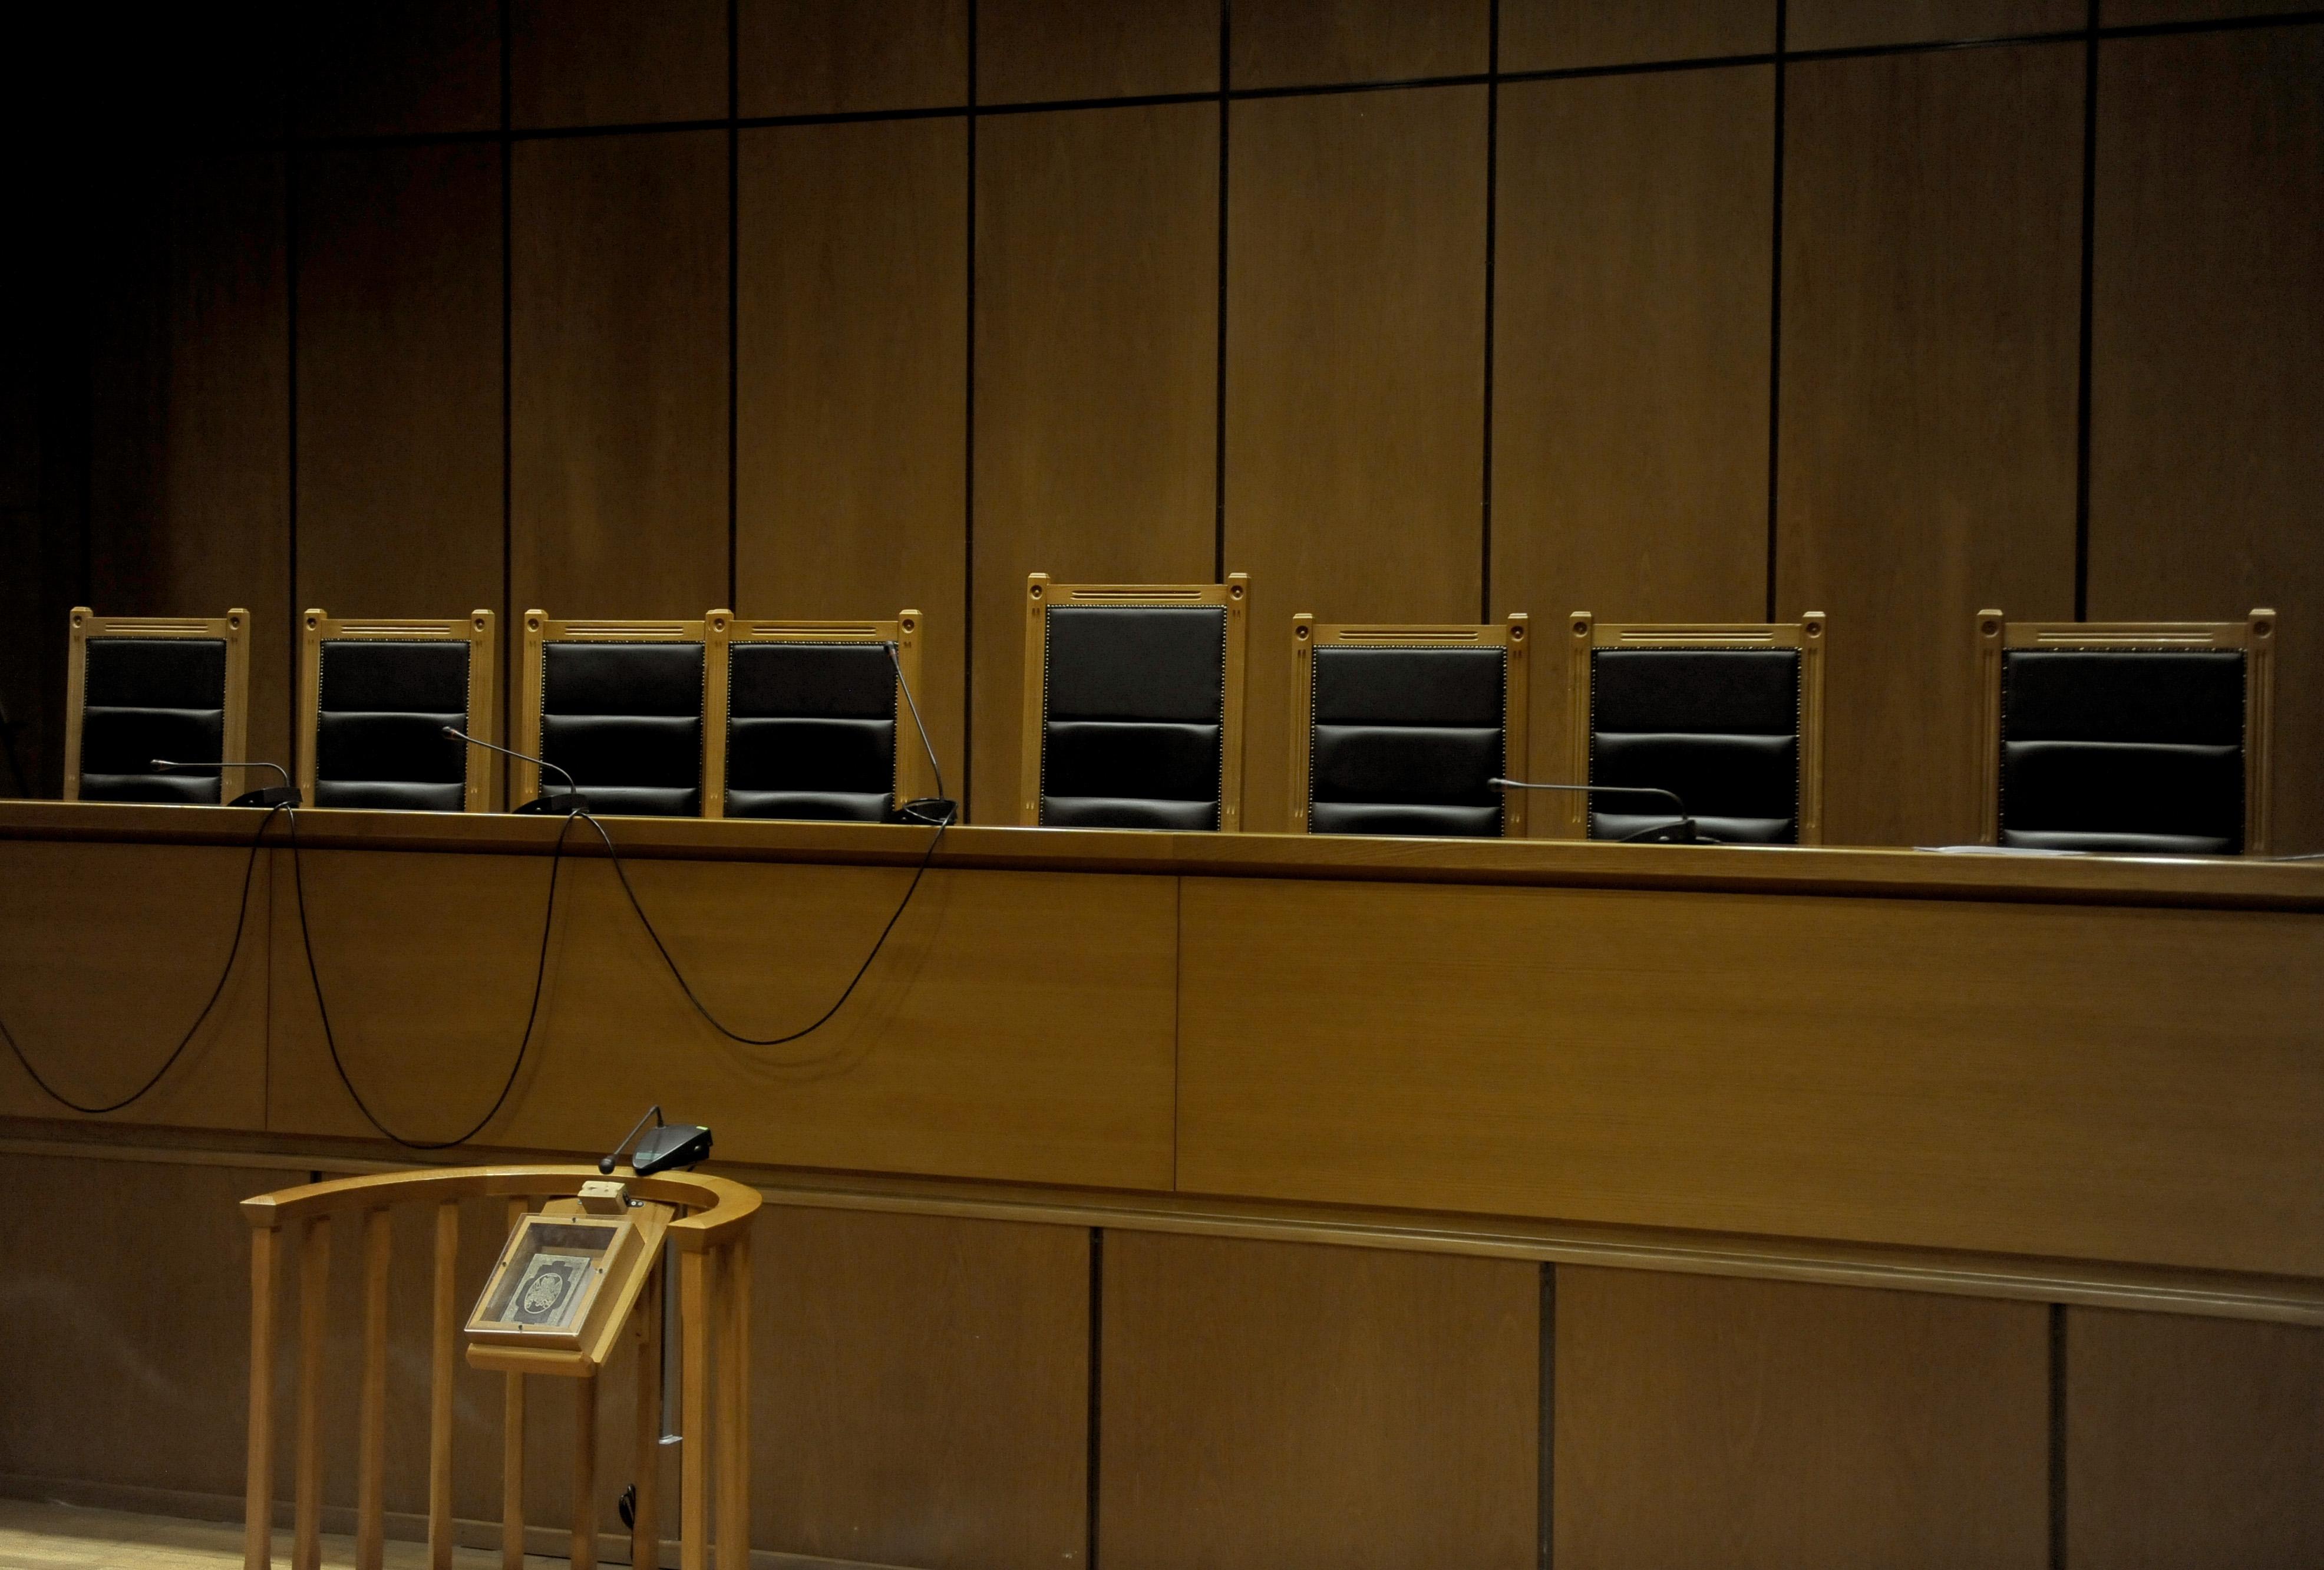 Στις 26 Ιουνίου θα συνεχιστεί η δίκη για τη δολοφονία από Χρυσαυγίτες πακιστανού εργάτη   tovima.gr